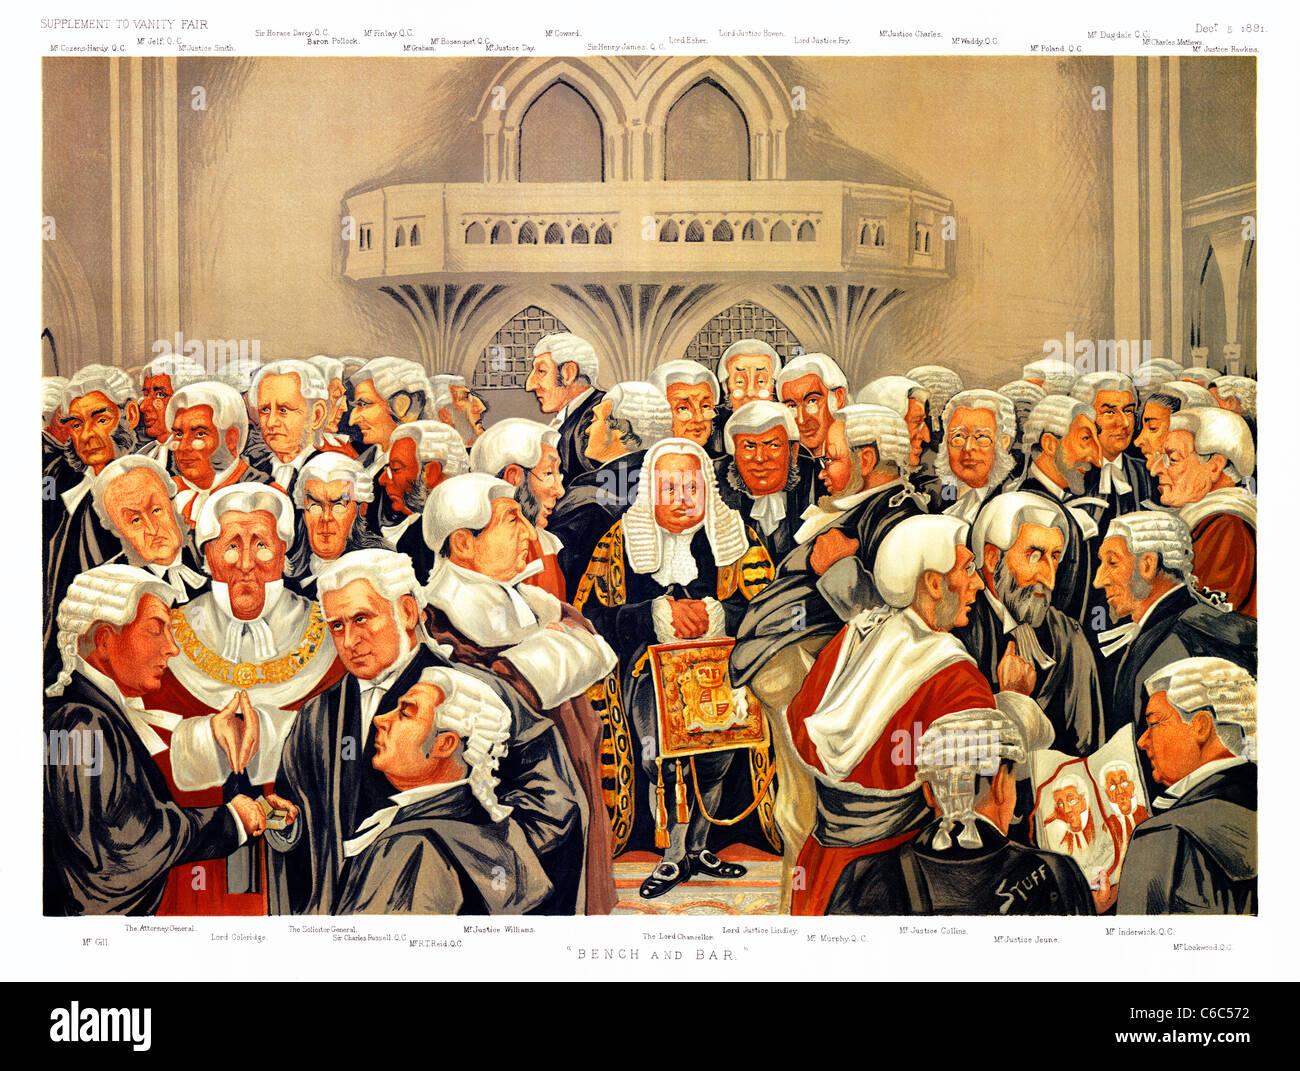 Jueces y Abogados, 1891 caricatura de cosas para Vanity Fair con los principales abogados y jueces de Inglaterra Imagen De Stock